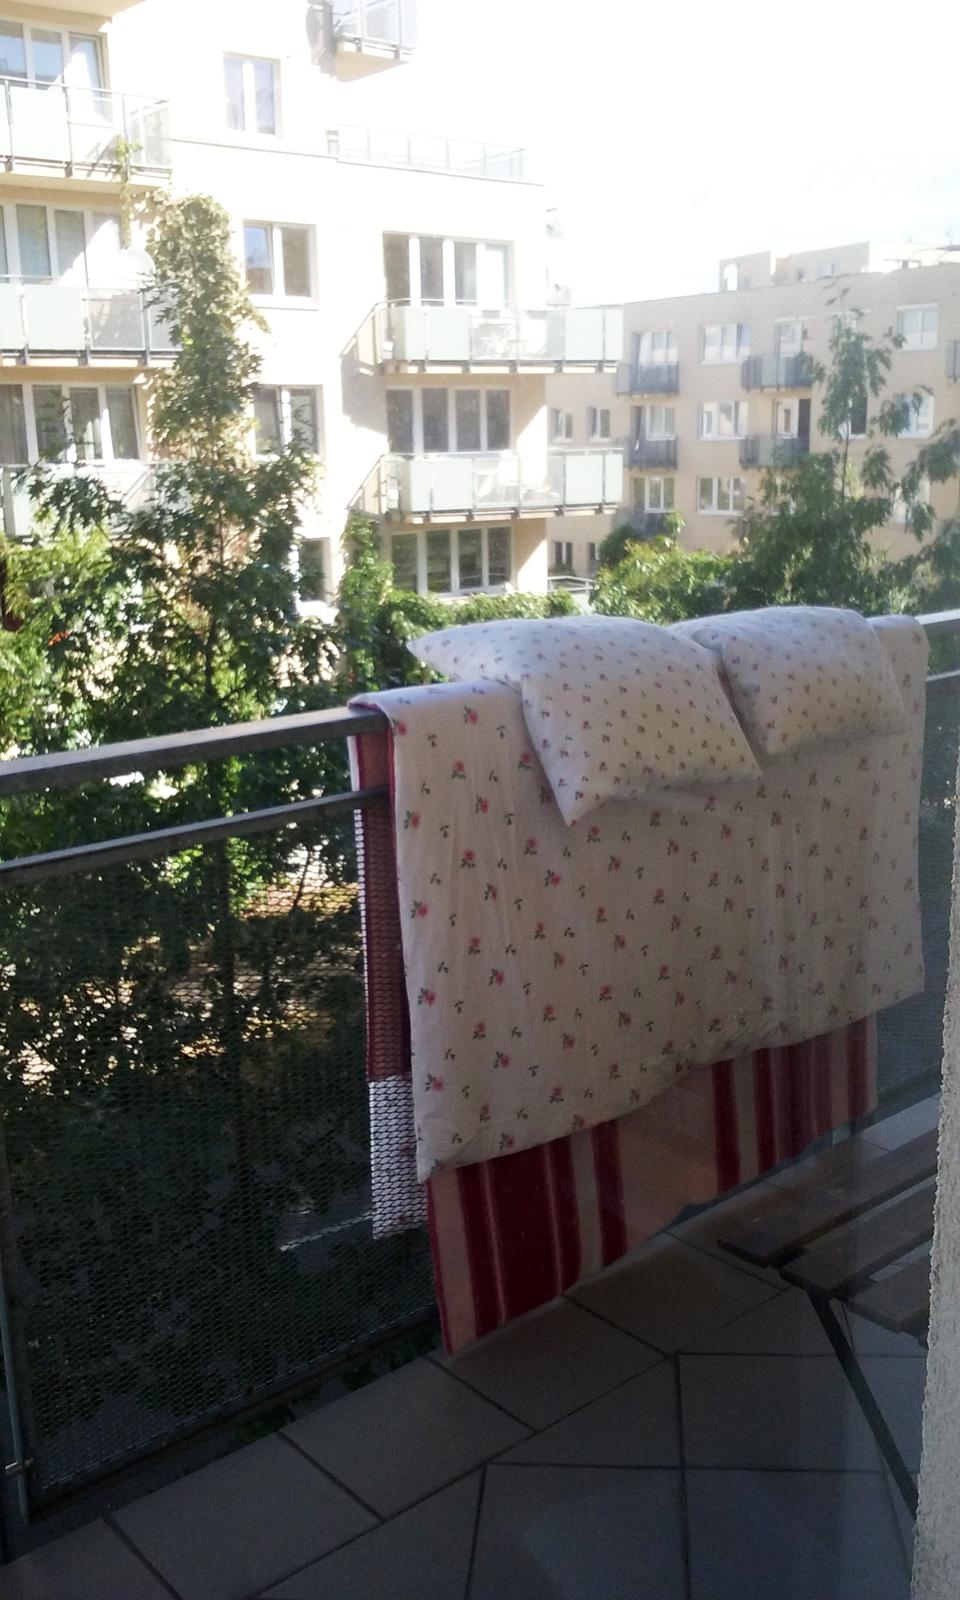 Líbí se mi bydlení v zeleni. Vždycky jsem si přála dívat se oknem do koruny stromu.